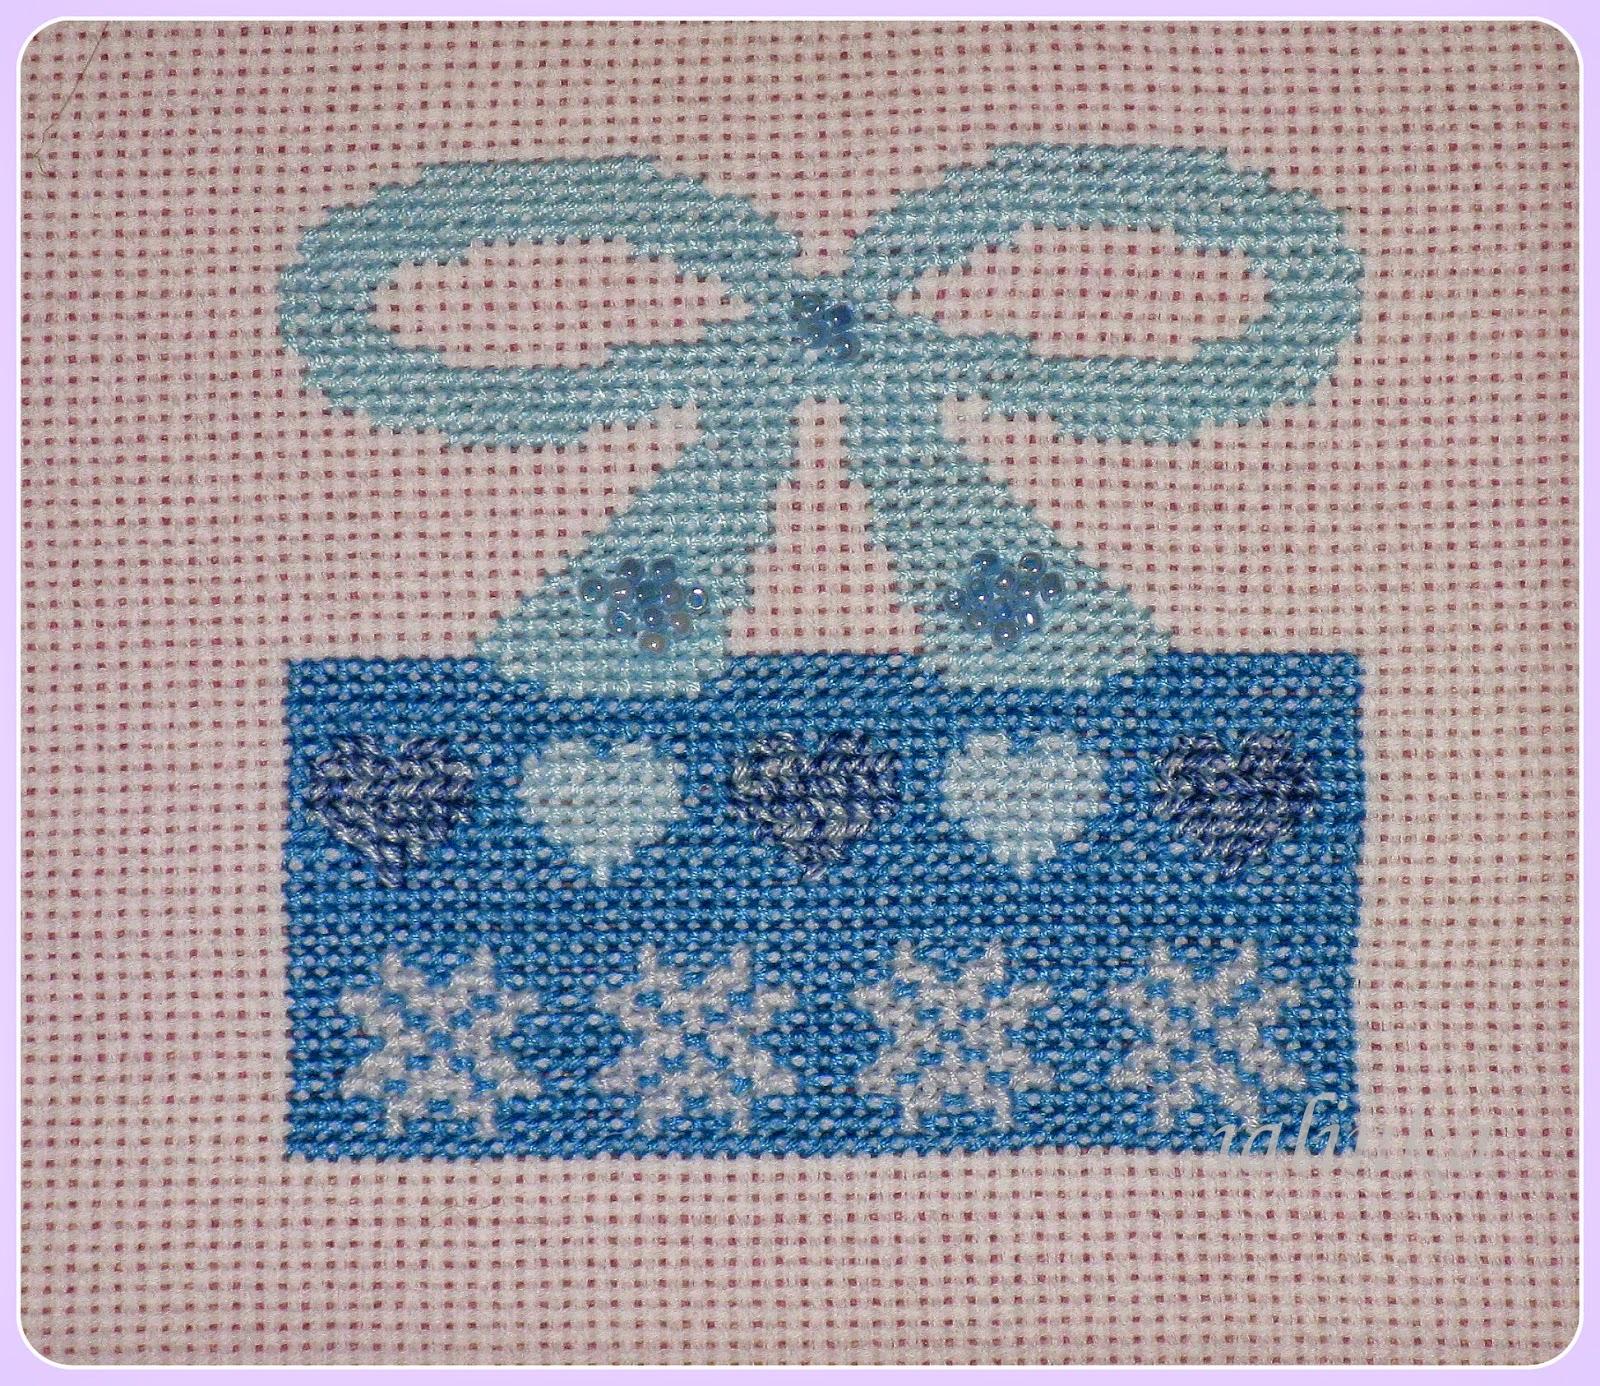 вышивка  подарок Cross  Stitcher  за  декабрь  2012 года